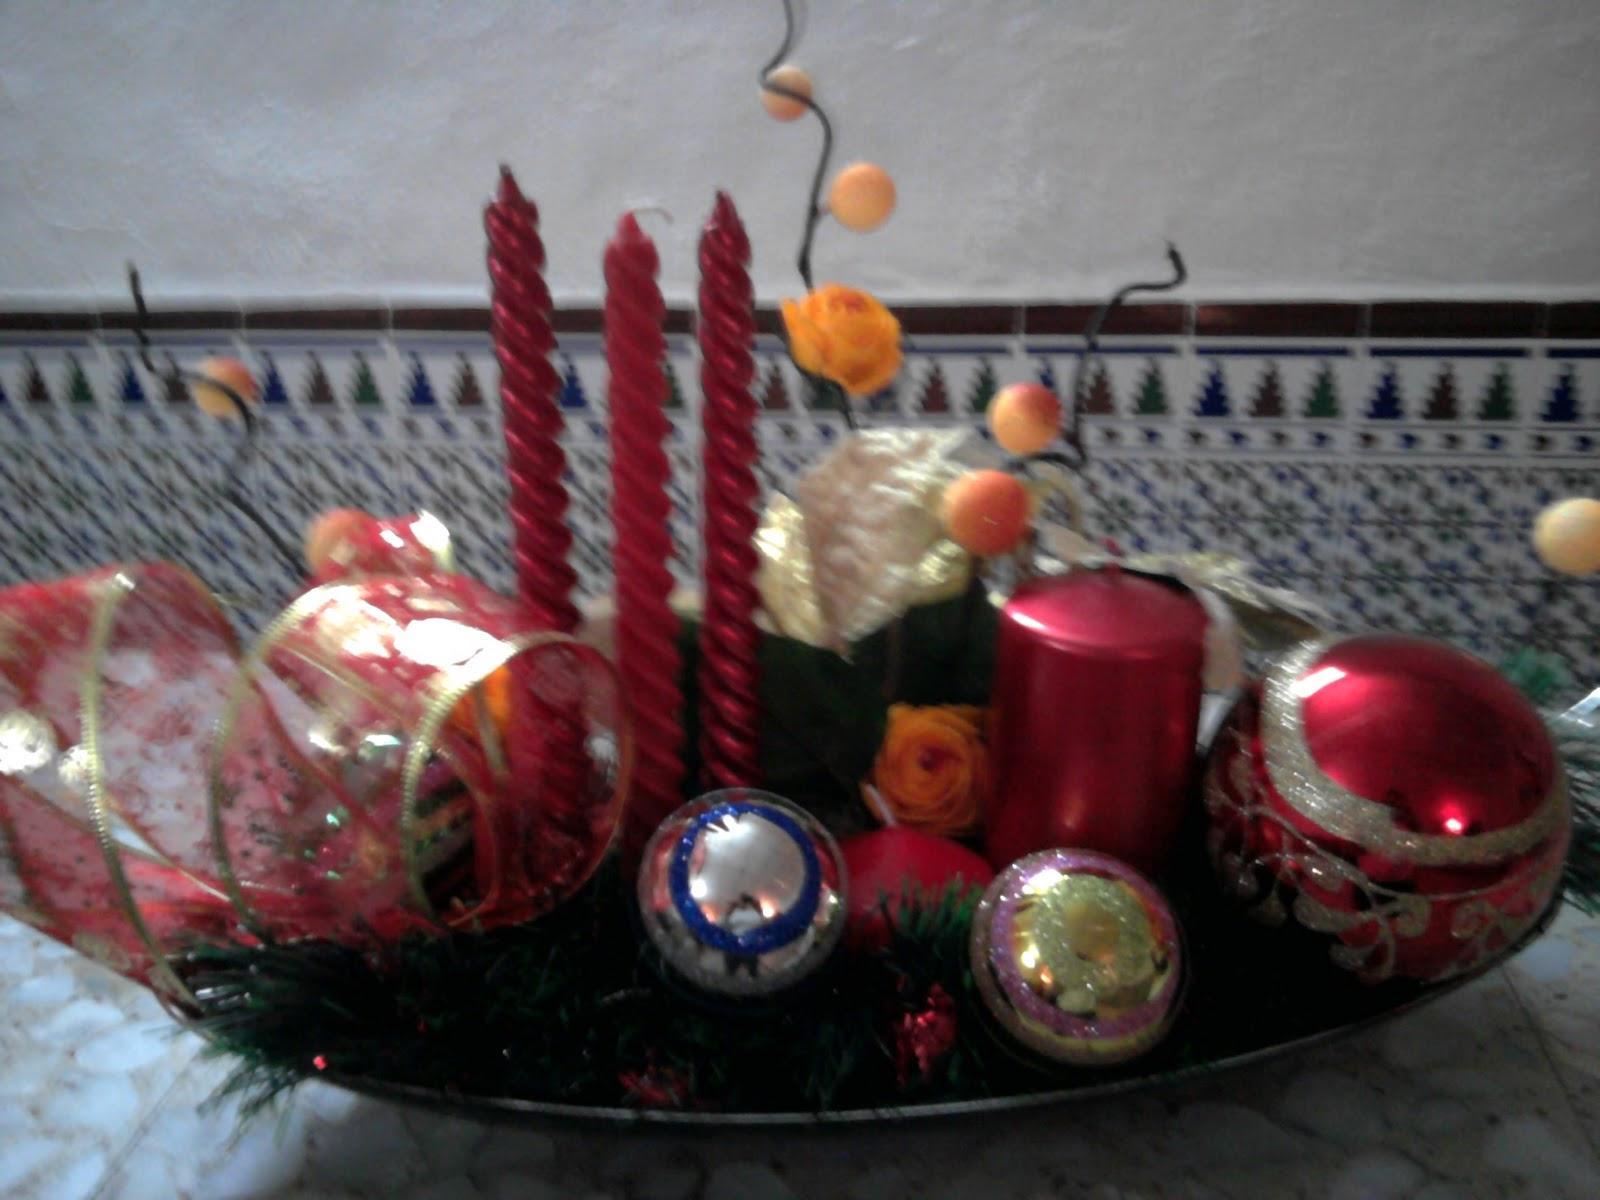 Con arte en las manos centros de mesa para navidad - Centros navidad manualidades ...